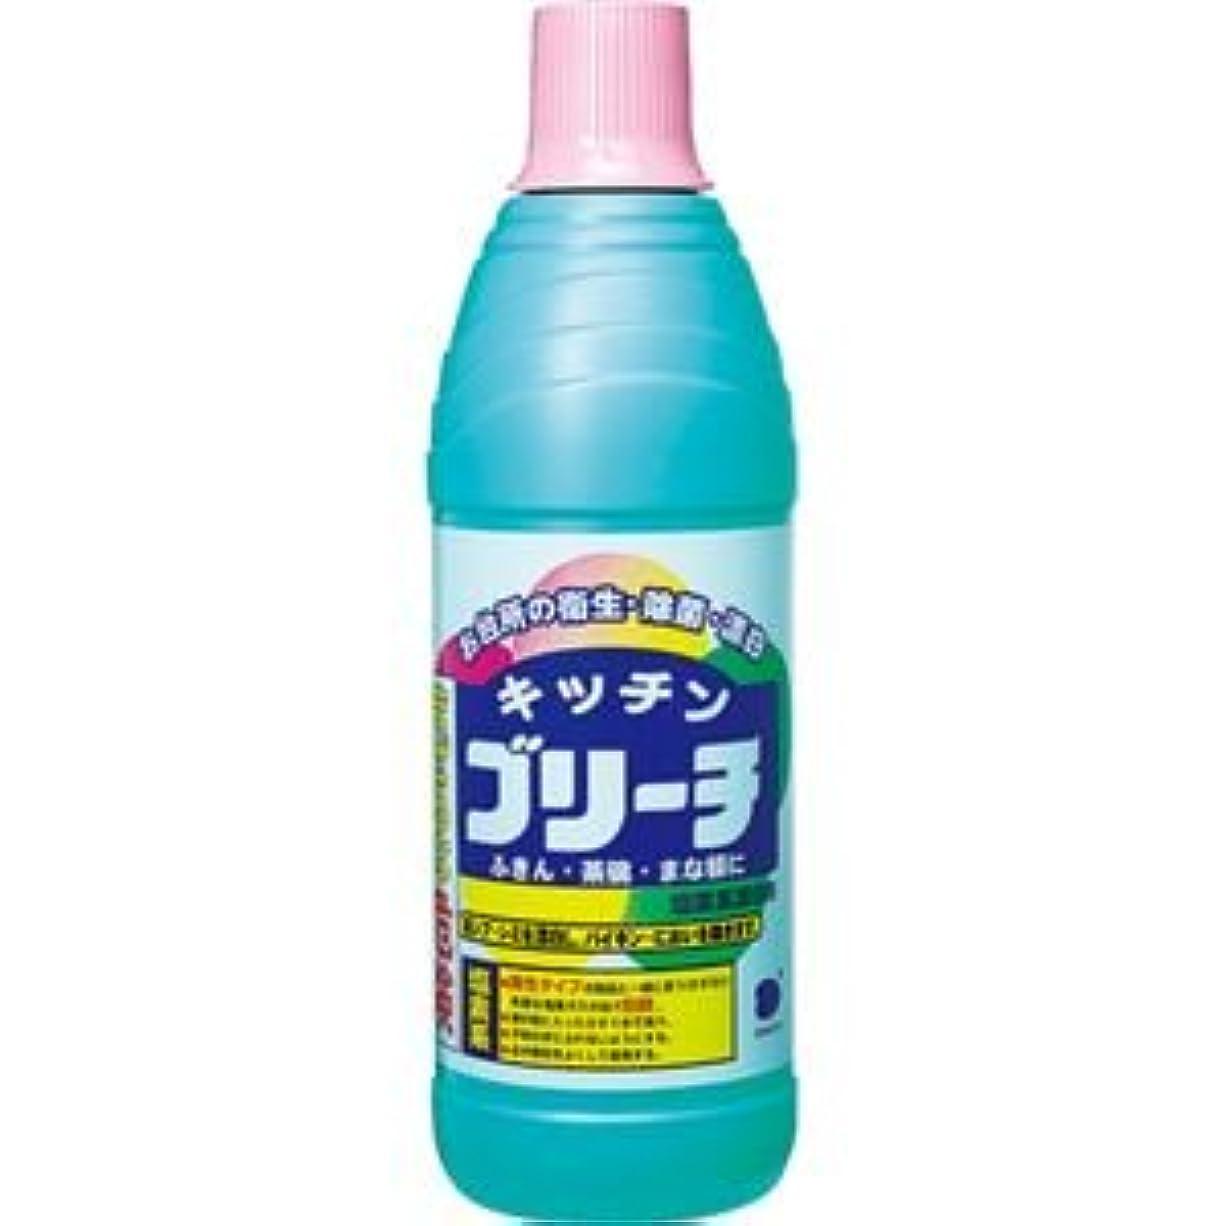 気性エラー草(まとめ) 第一石鹸 キッチンブリーチ 600ml 1本 【×40セット】